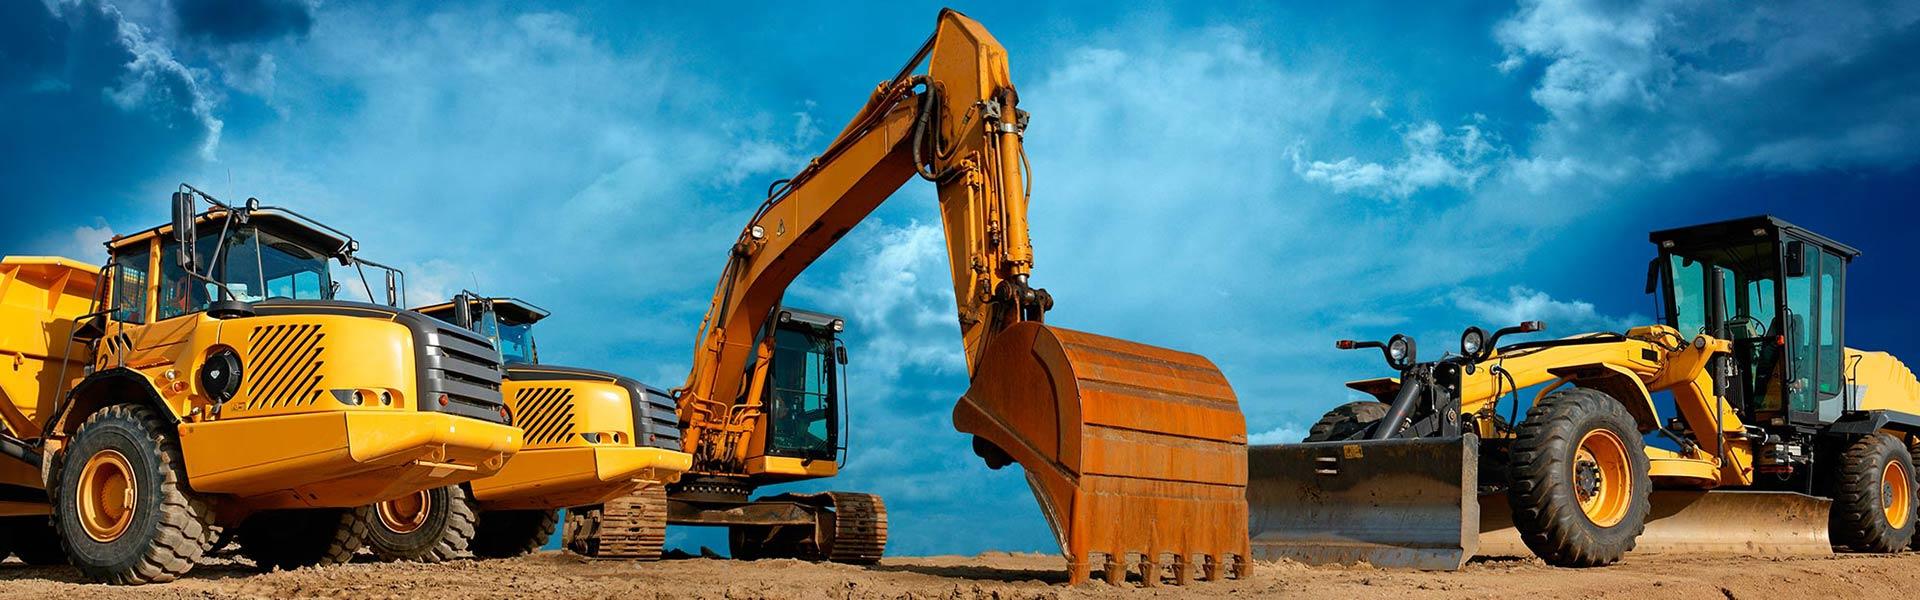 Építőipari gépalkatrészek